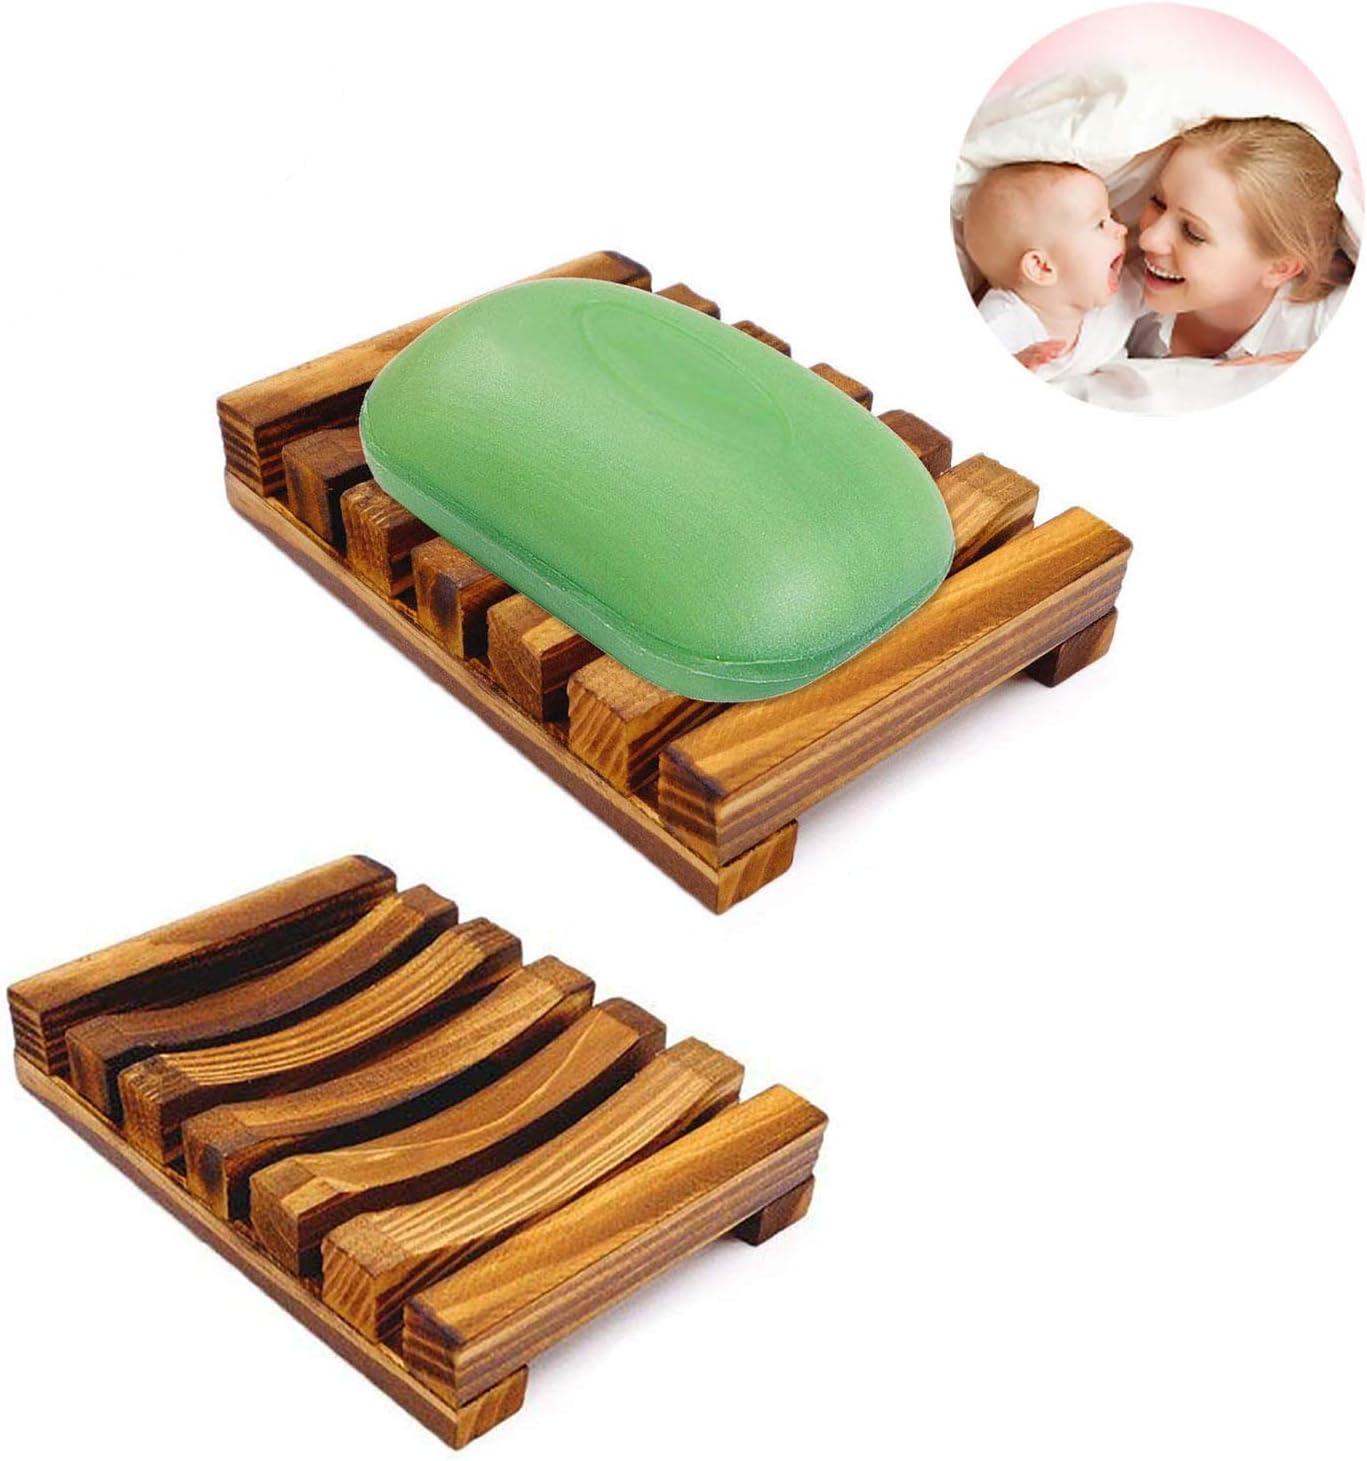 esponjas y m/ás Jabonera de madera Wood Color hecha a mano 7.9 * 12CM madera soporte de jab/ón de bamb/ú con drenaje para jab/ón